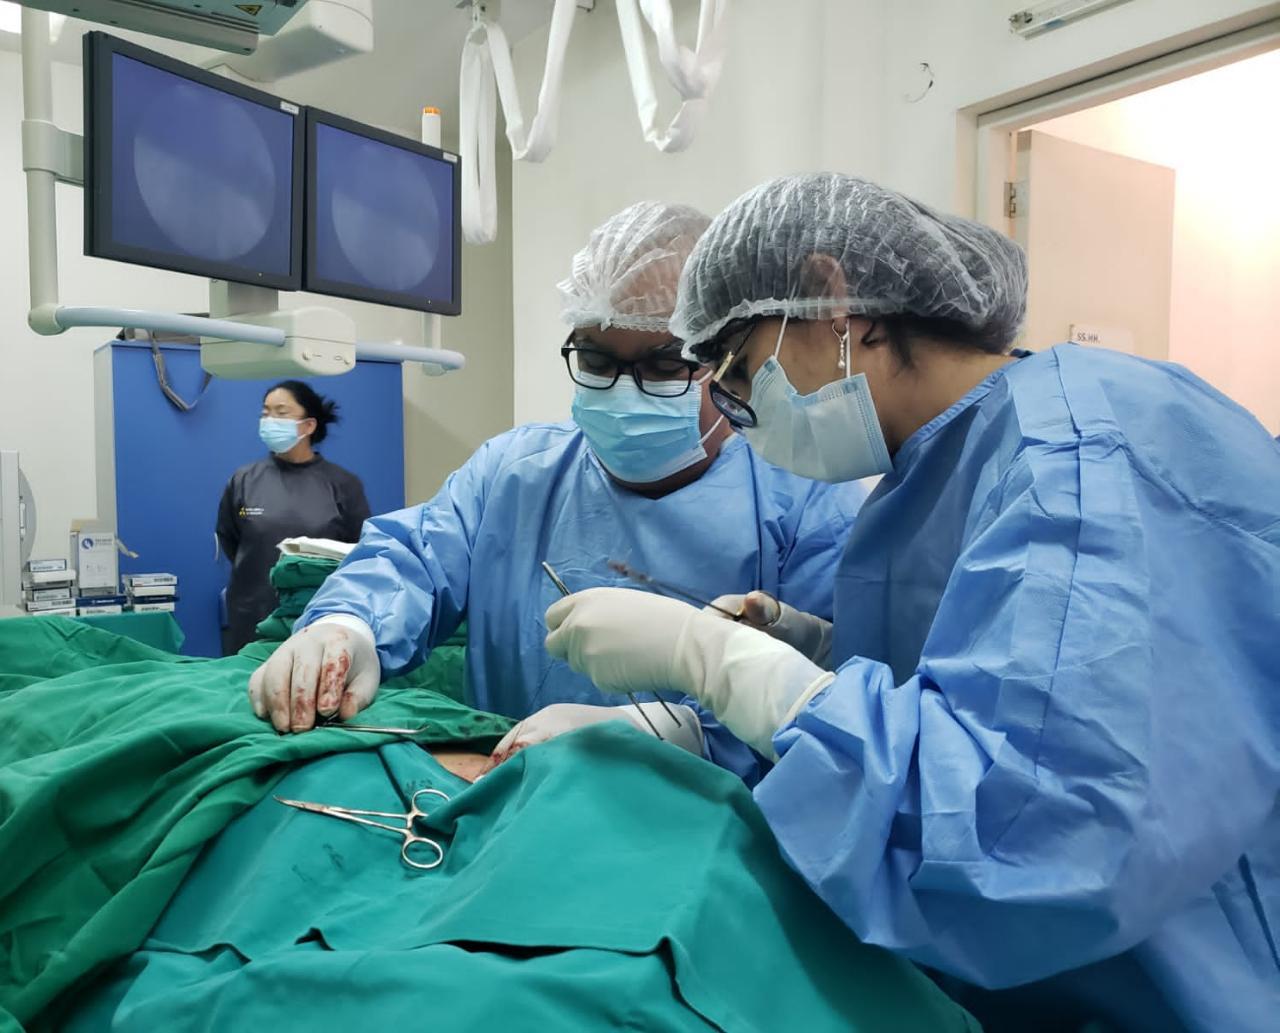 Essalud - EsSalud Tacna realiza exitoso operativo de procedimientos cardiológicos